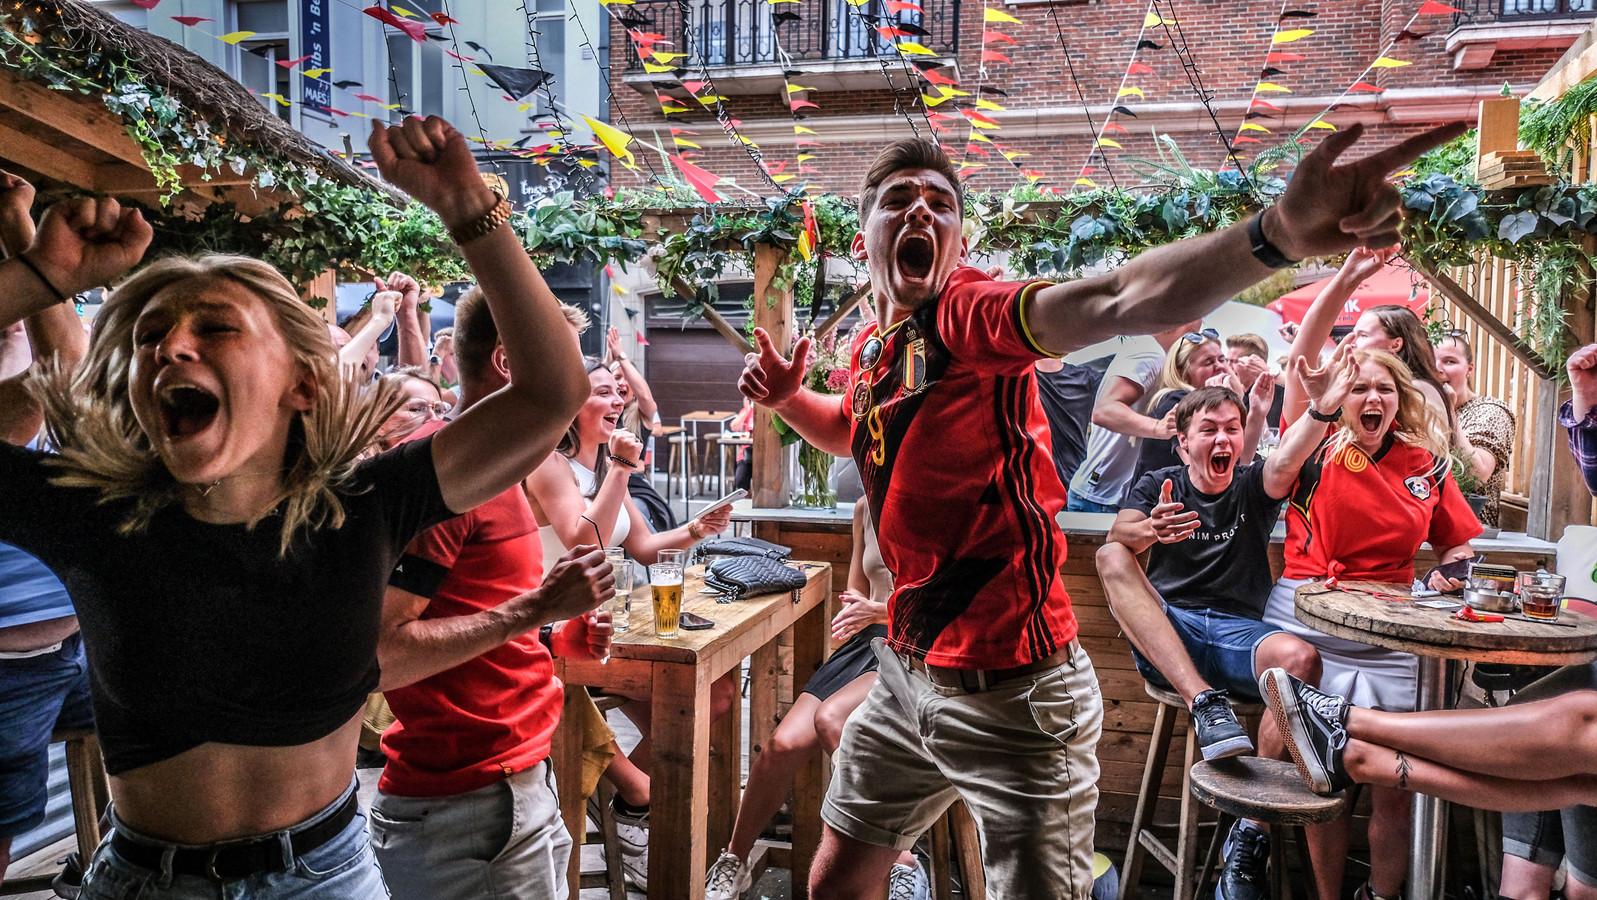 Thorgan Hazard maakt de 1-1 na een heerlijke assist van Kevin De Bruyne! 't Straatje gaat uit zijn dak!